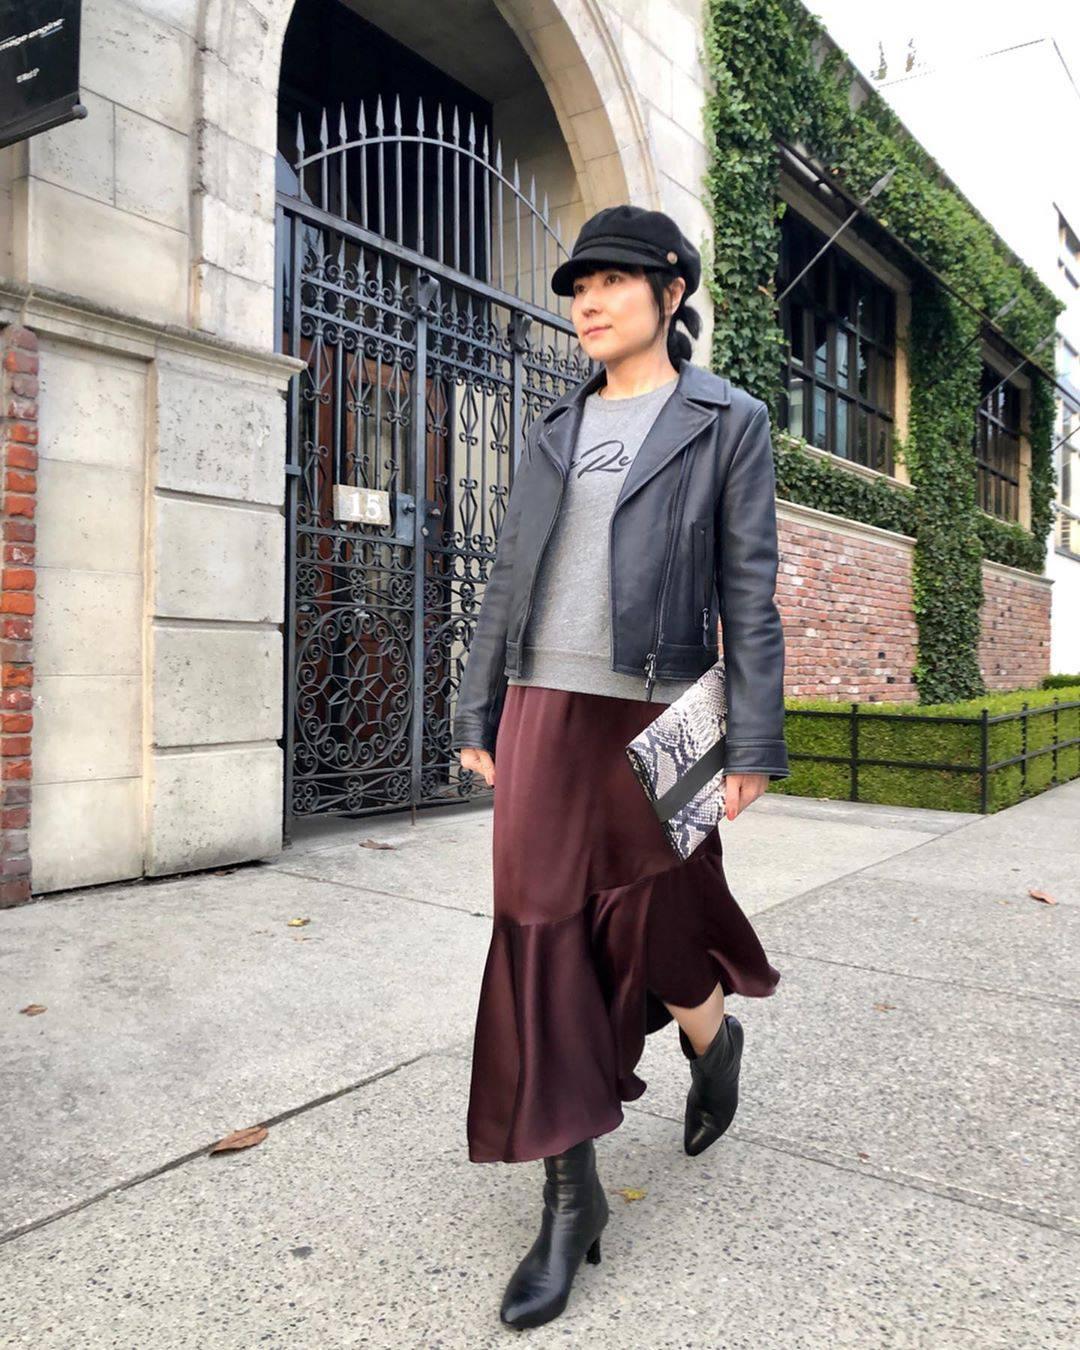 最高気温27度・最低気温19度 i.styleclosetの服装